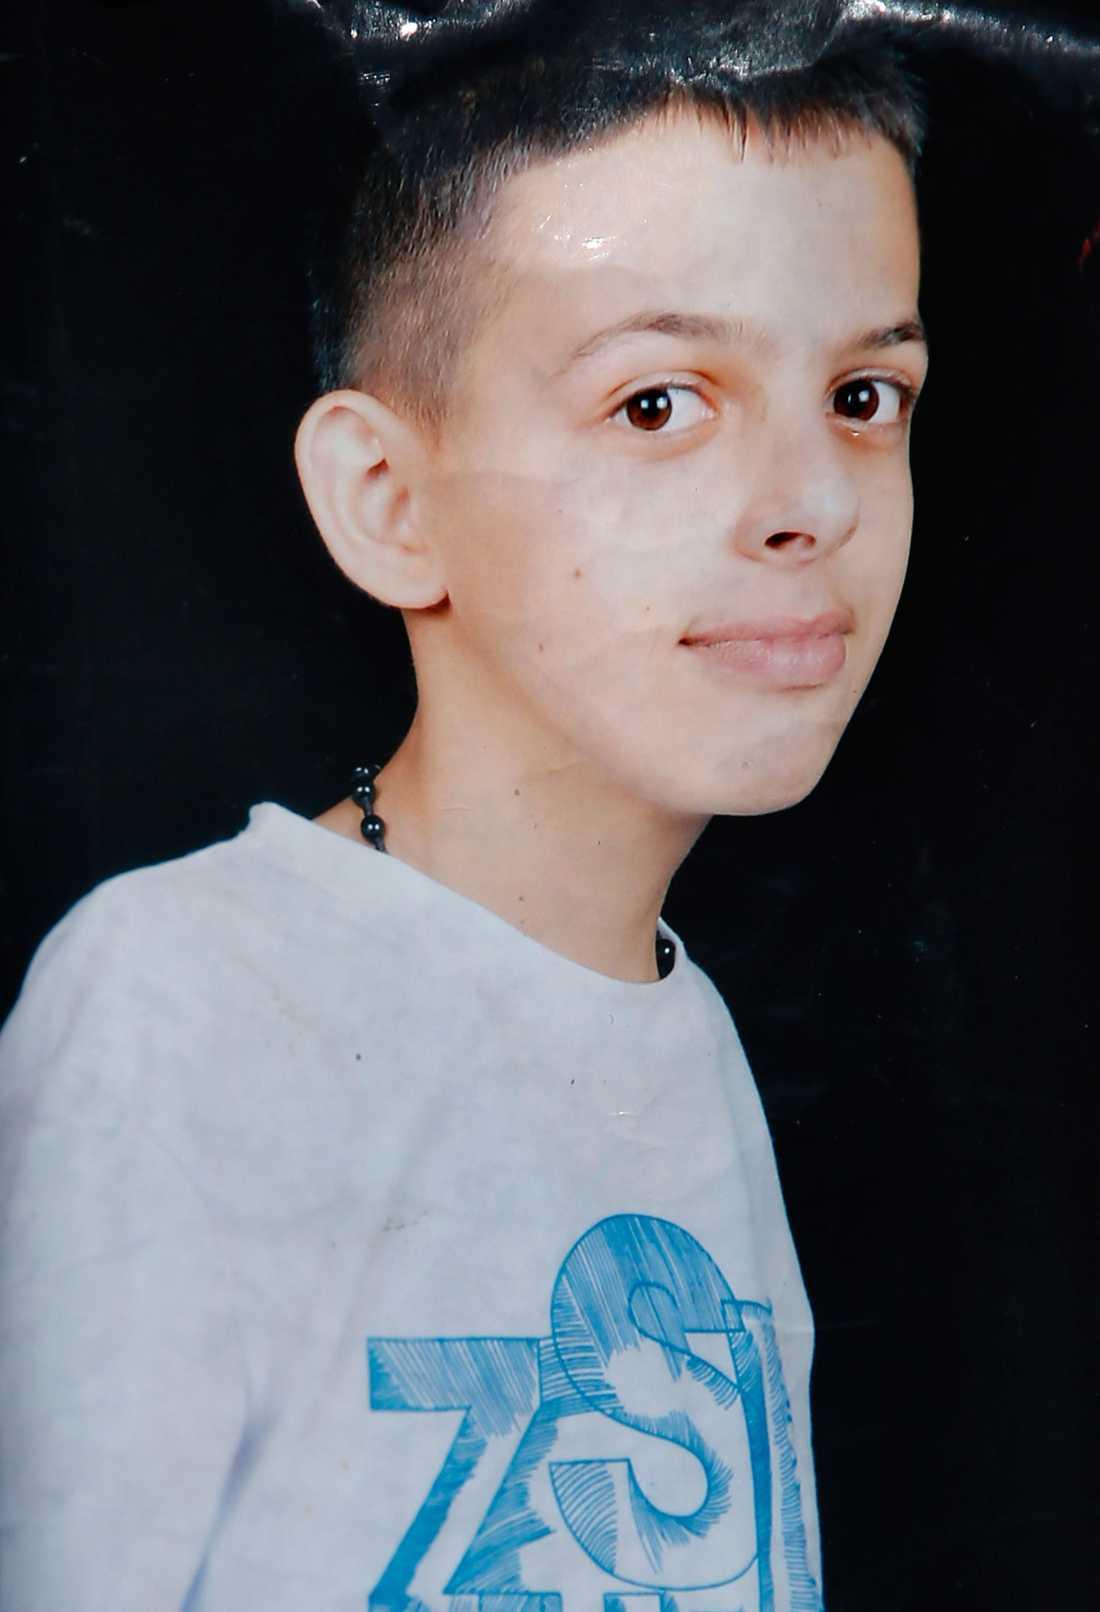 Två dagar senare förs en 16-årig palestinsk pojke, Mohammed Abu Khudair, bort och hittas senare mördad. Obduktionen visar att han har bränts levande.